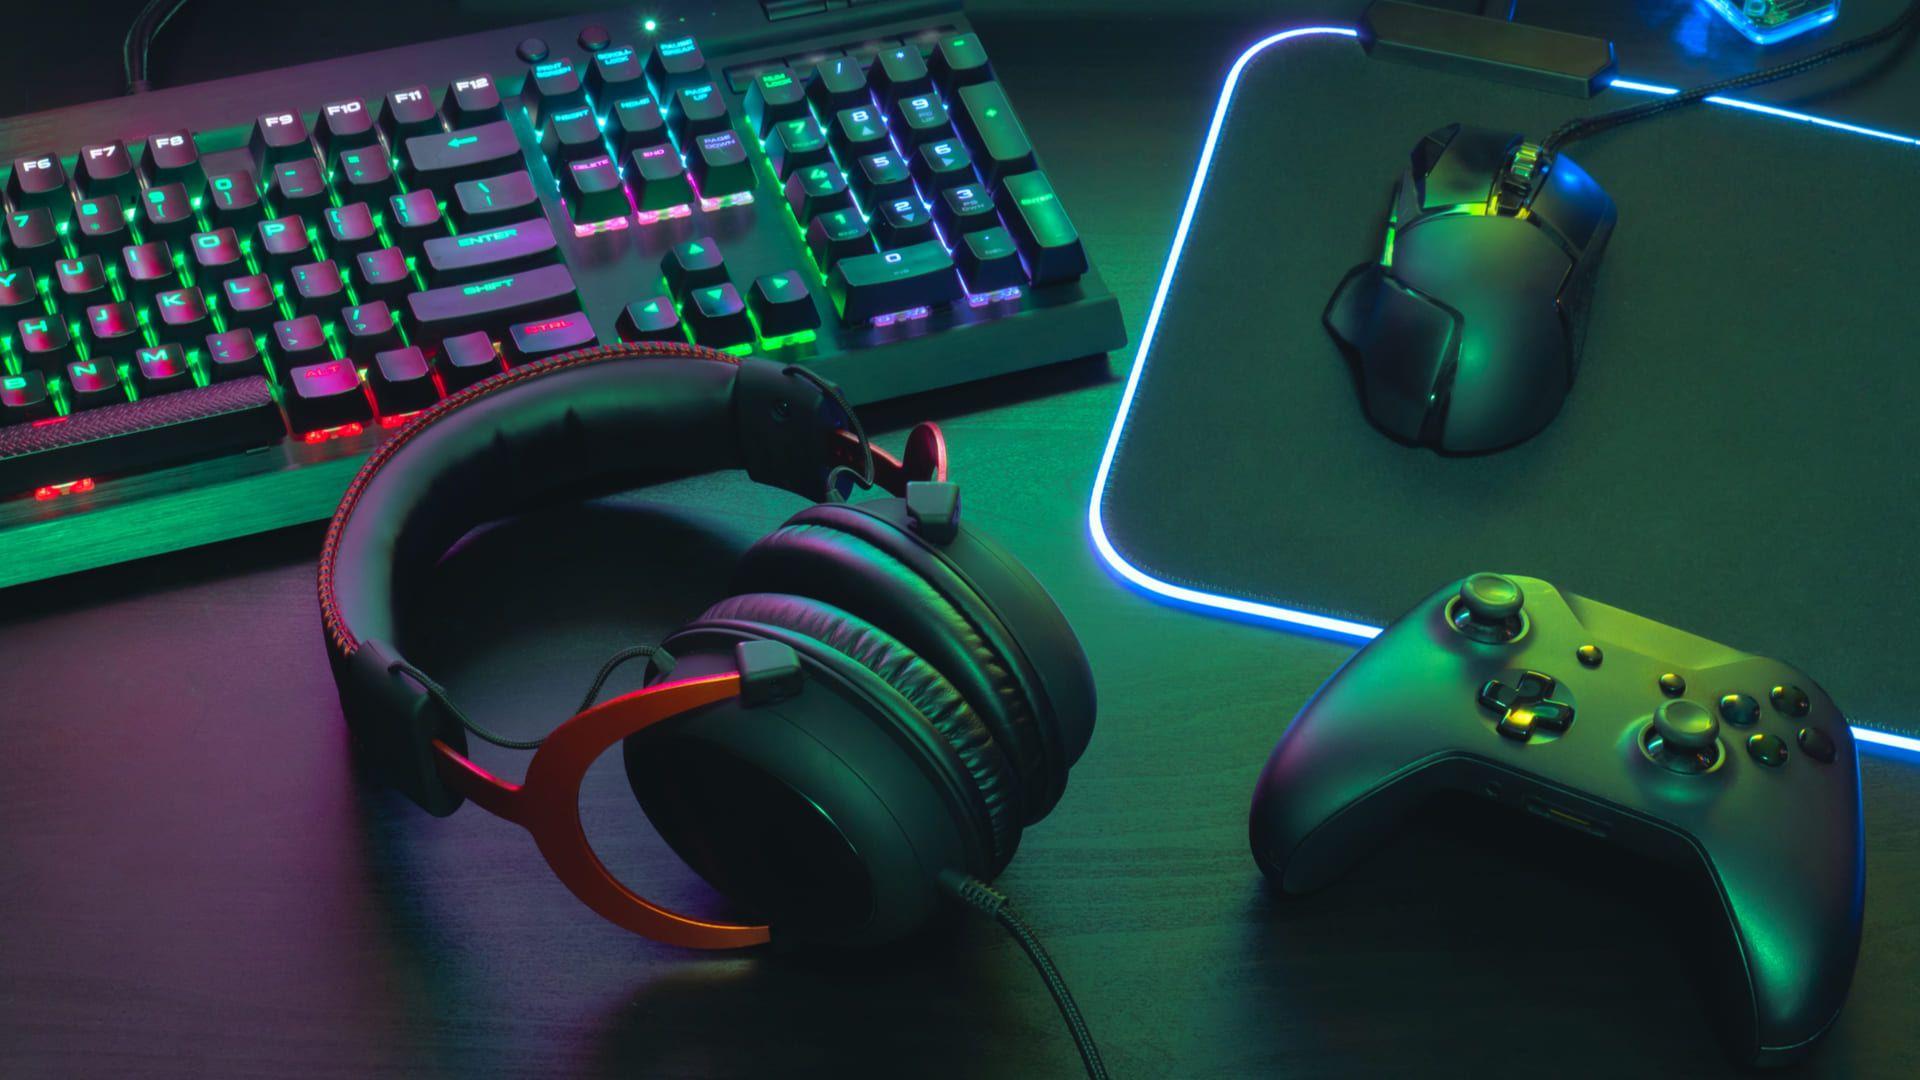 Mesa completa para jogos com fone gamer, controle, teclado mecânico e mouse gamer (Foto: EKKAPHAN CHIMPALEE/Shutterstock)